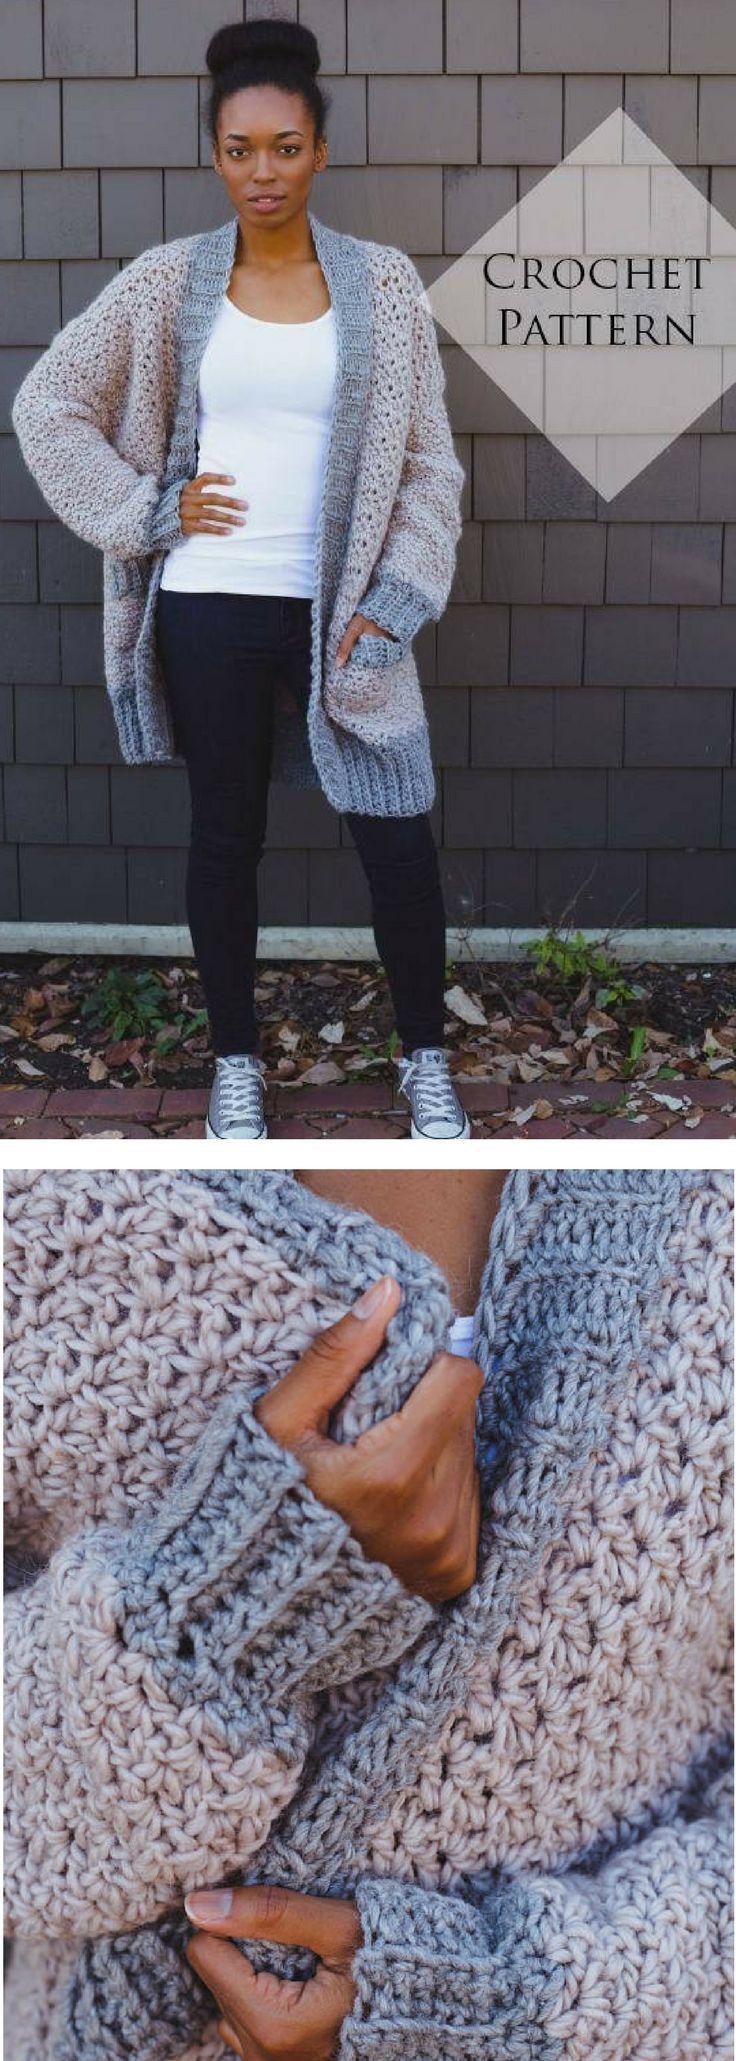 Veronica Cardi Crochet Pattern // PDF Pattern Oversized Fall Sweater ...